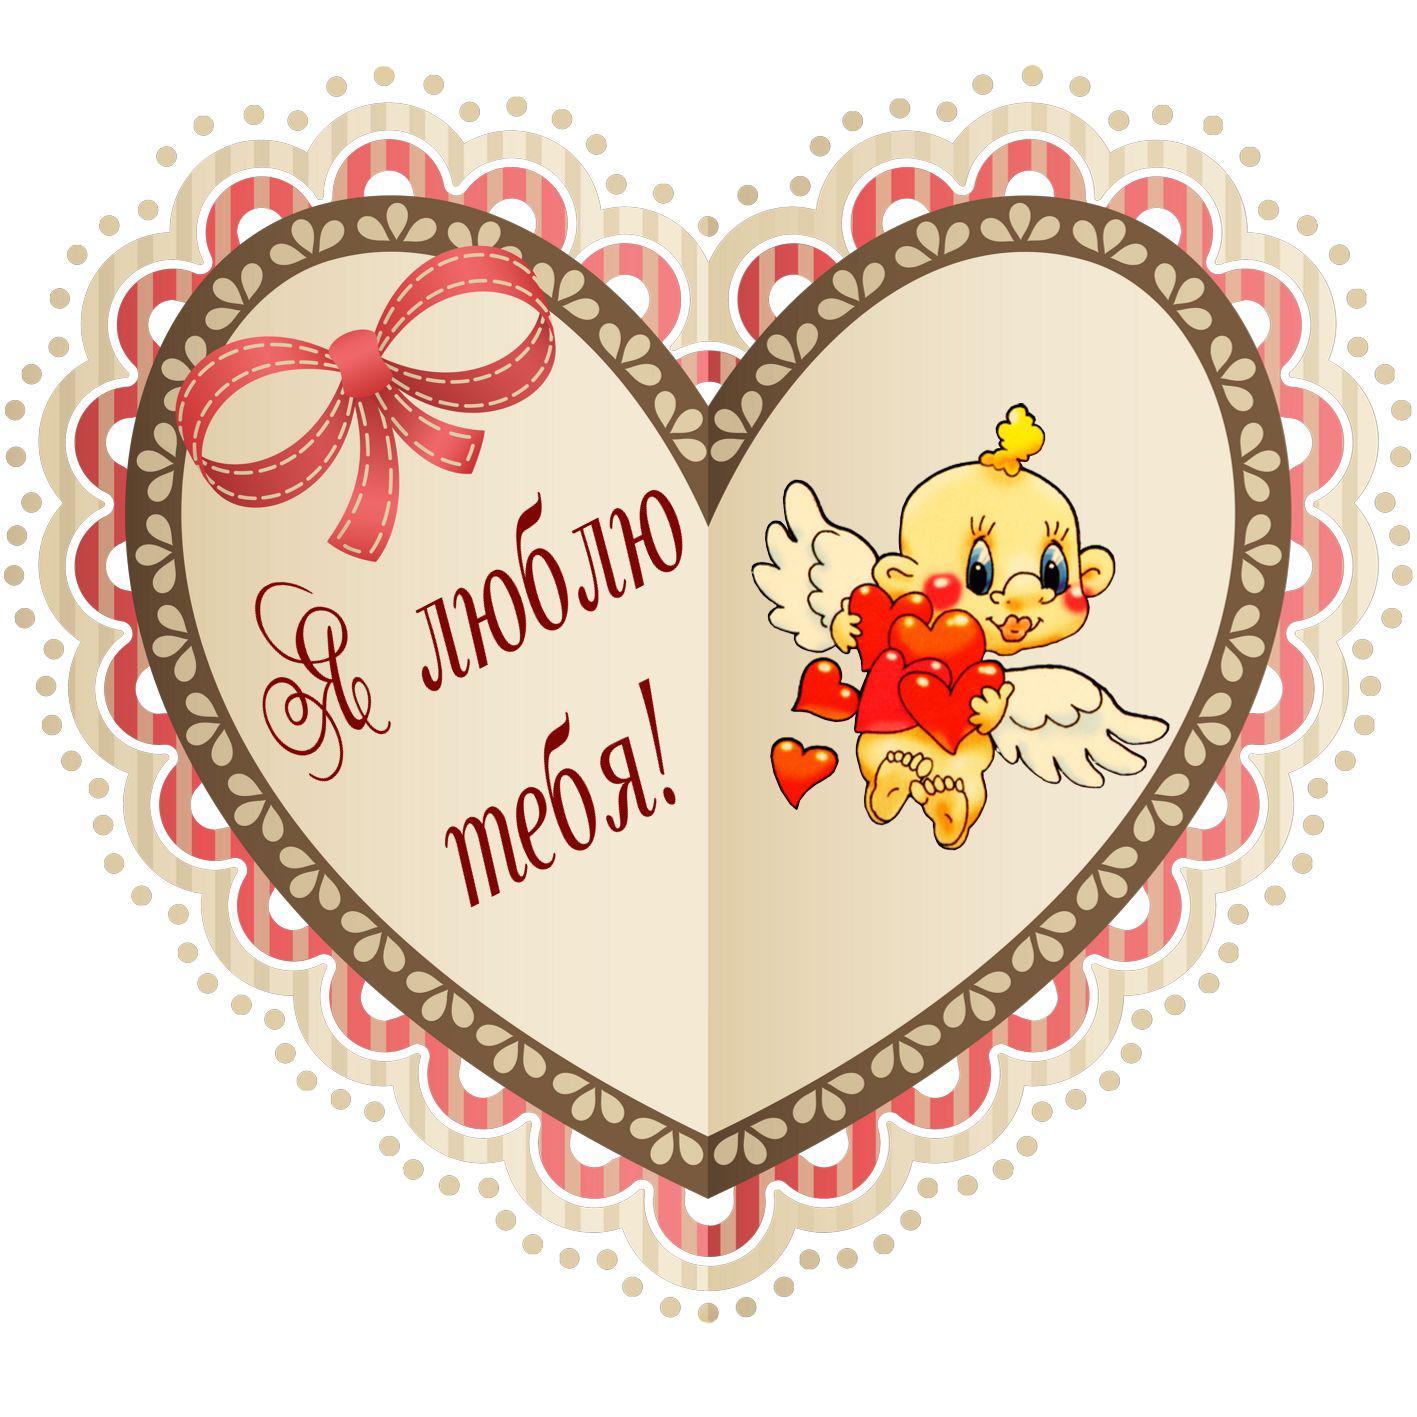 климова открытки красивые сердечки с пожеланиями эполеты различных чинов